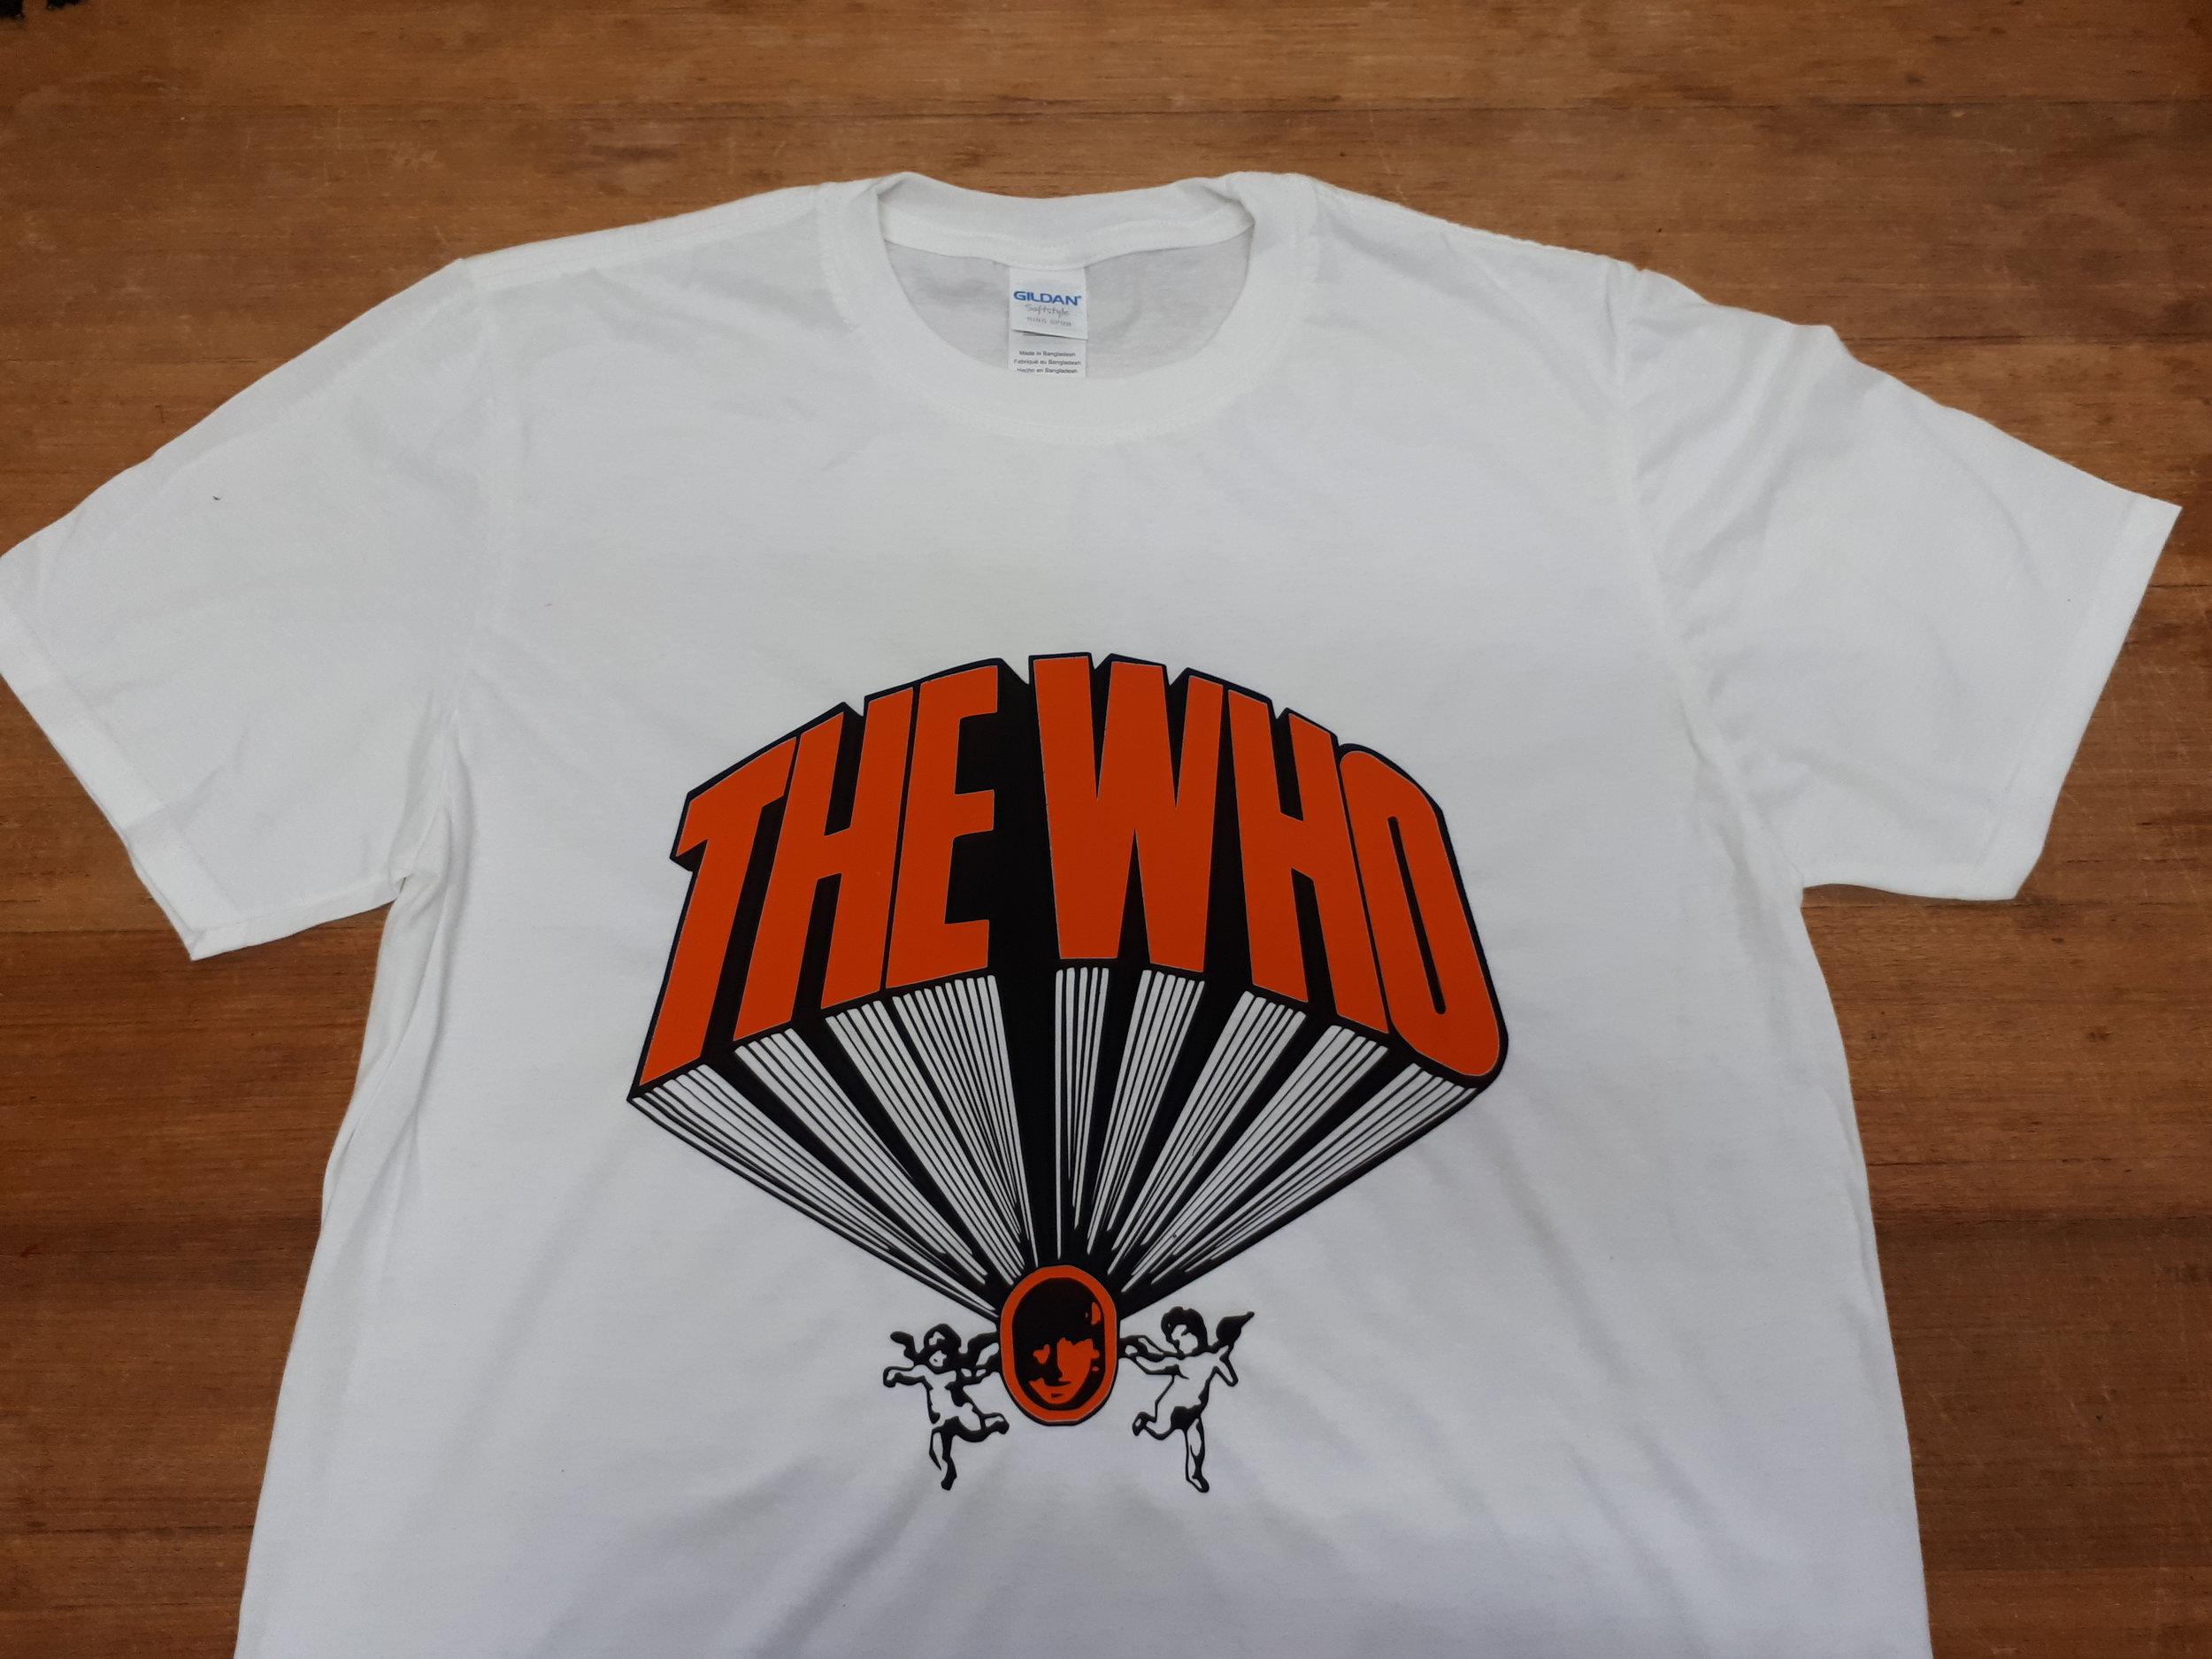 David BOWIE RARA T-shirt album in vinile 60s 70s Stile Vintage Tour Glam Rock Ziggy